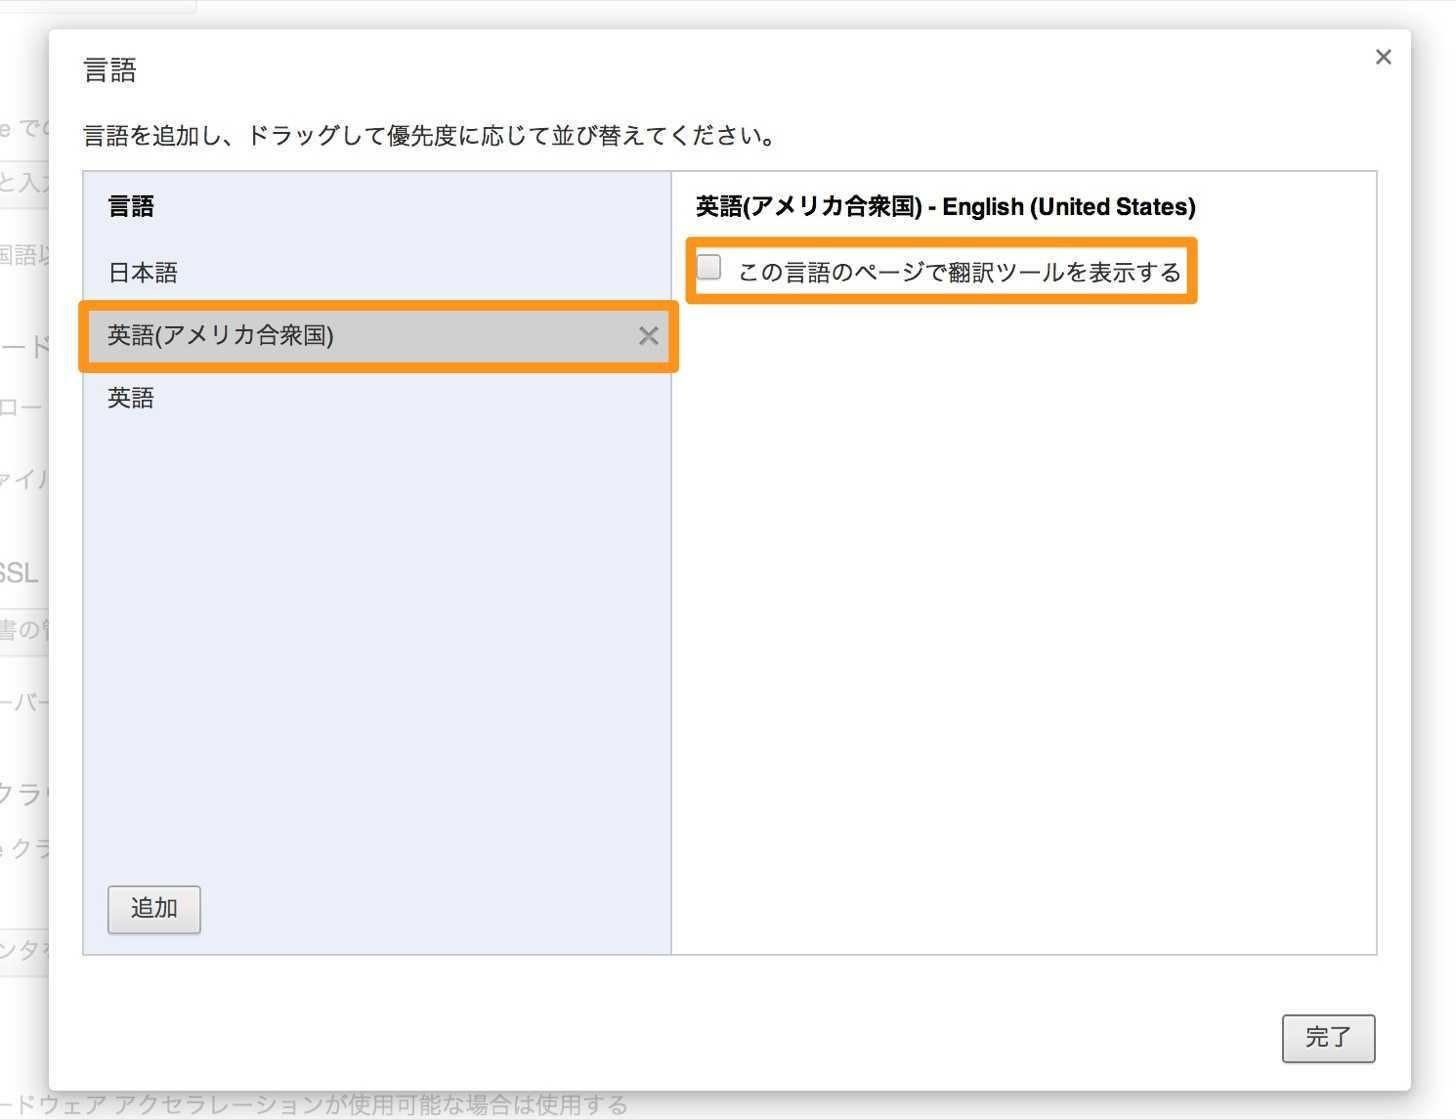 この言語のページで翻訳ツールを表示する